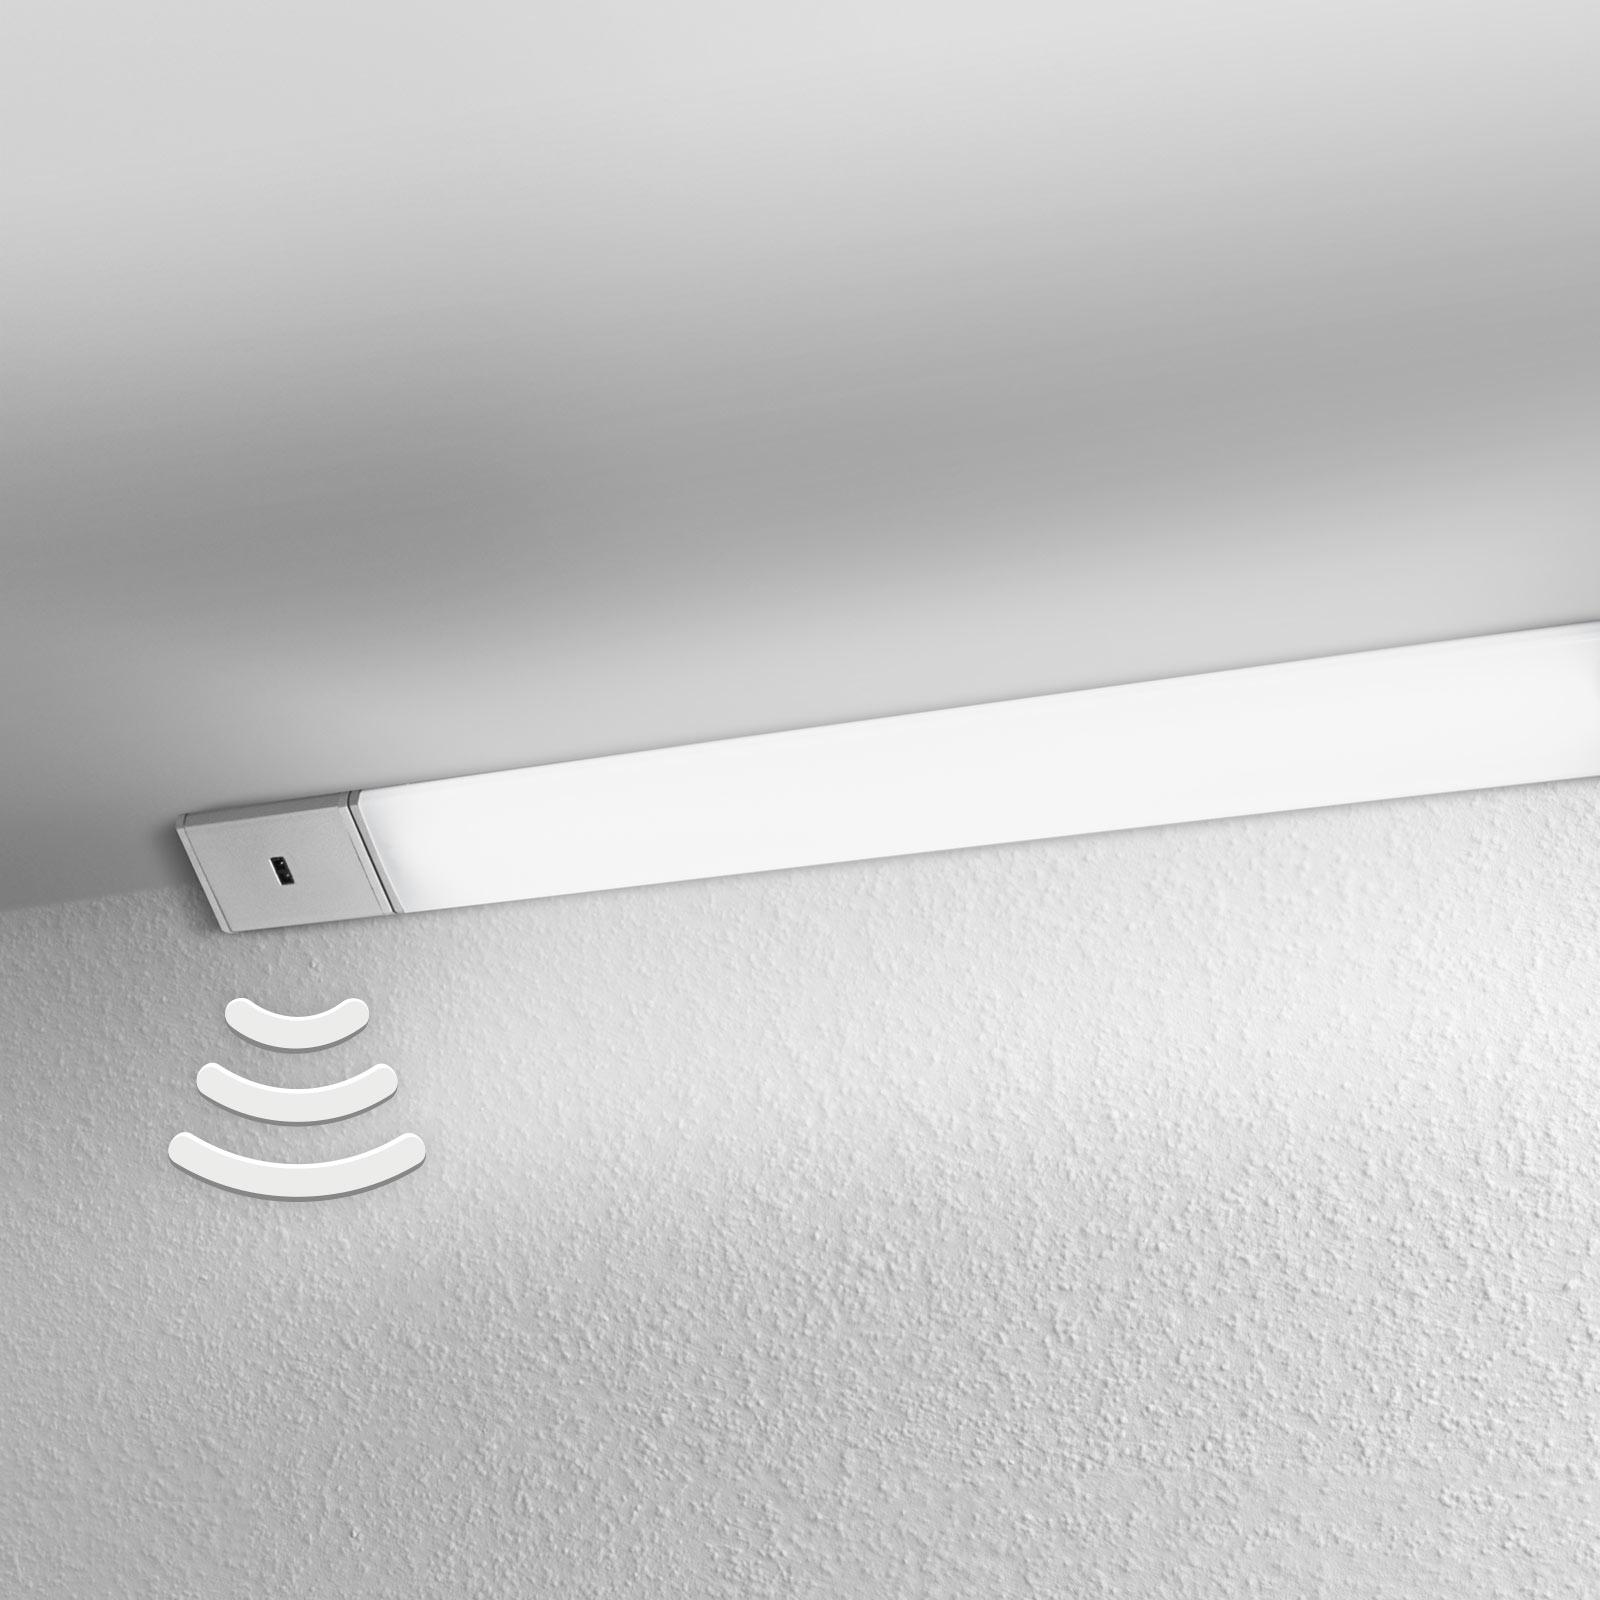 LEDVANCE Cabinet Corner LED-Unterschranklampe 55cm